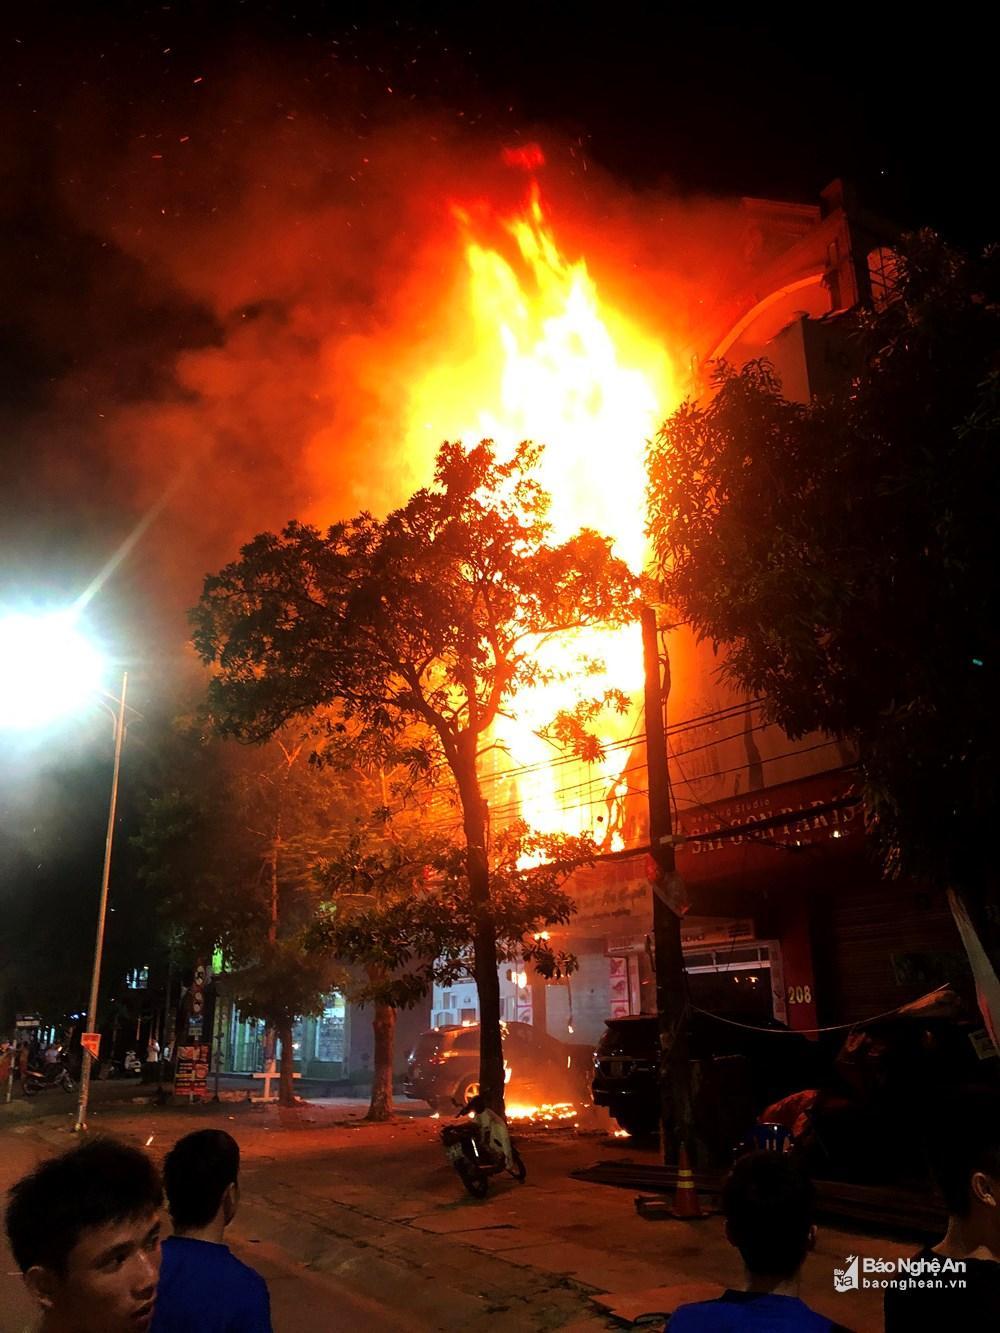 Ngôi nhà tan hoang, đen nhẻm sau vụ cháy tại đường Trần Phú (TP.Vinh) Ảnh 1